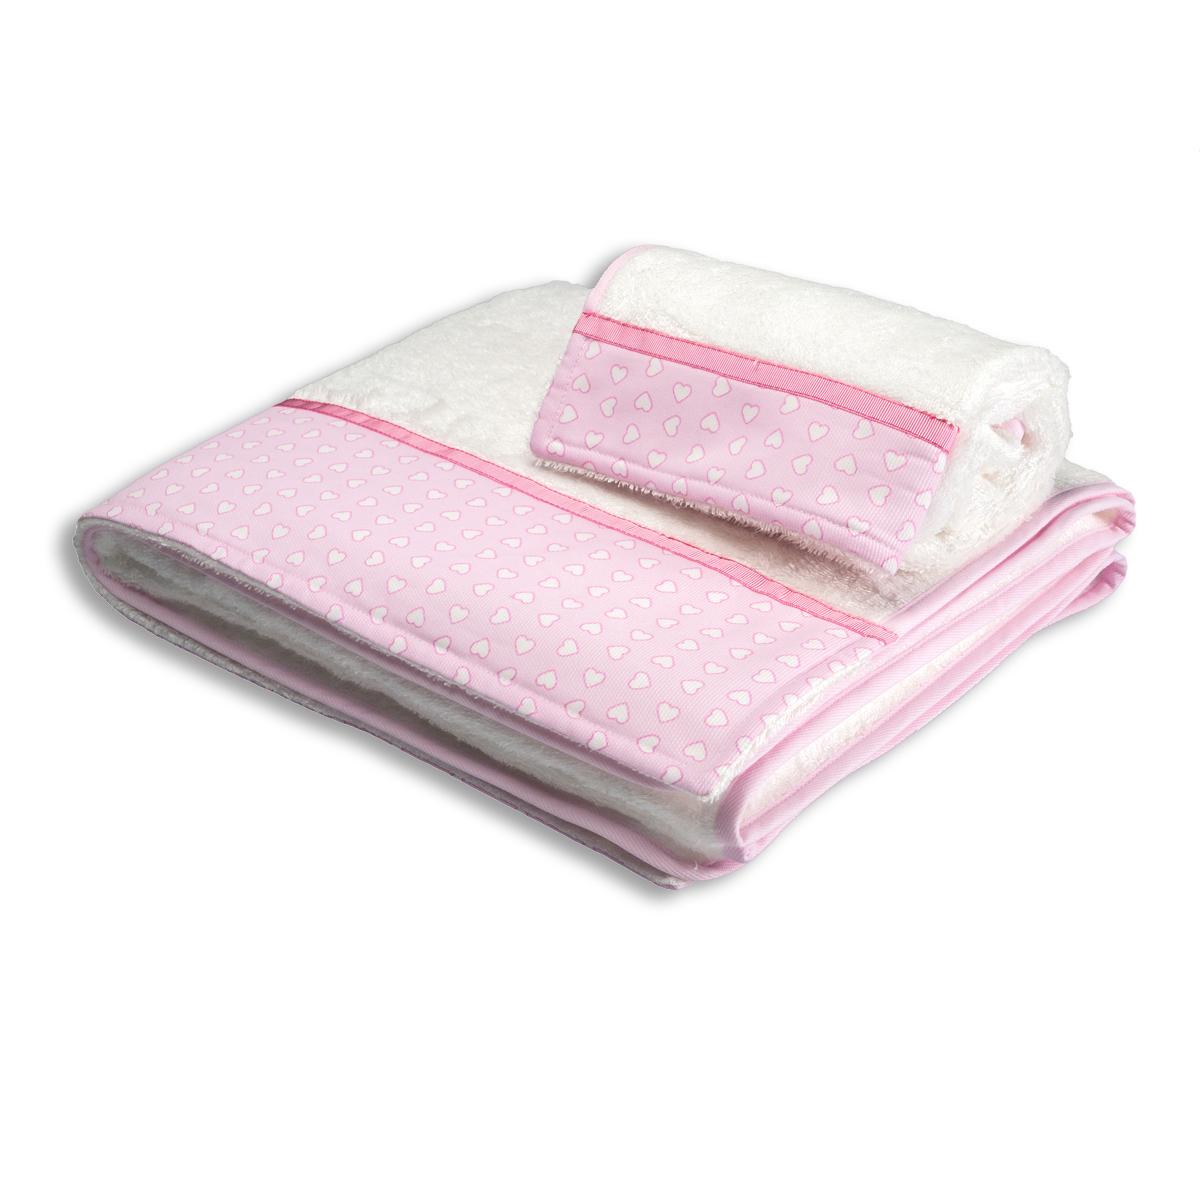 Βρεφικές Πετσέτες (Σετ 2τμχ) Mother Touch Hearts Pink